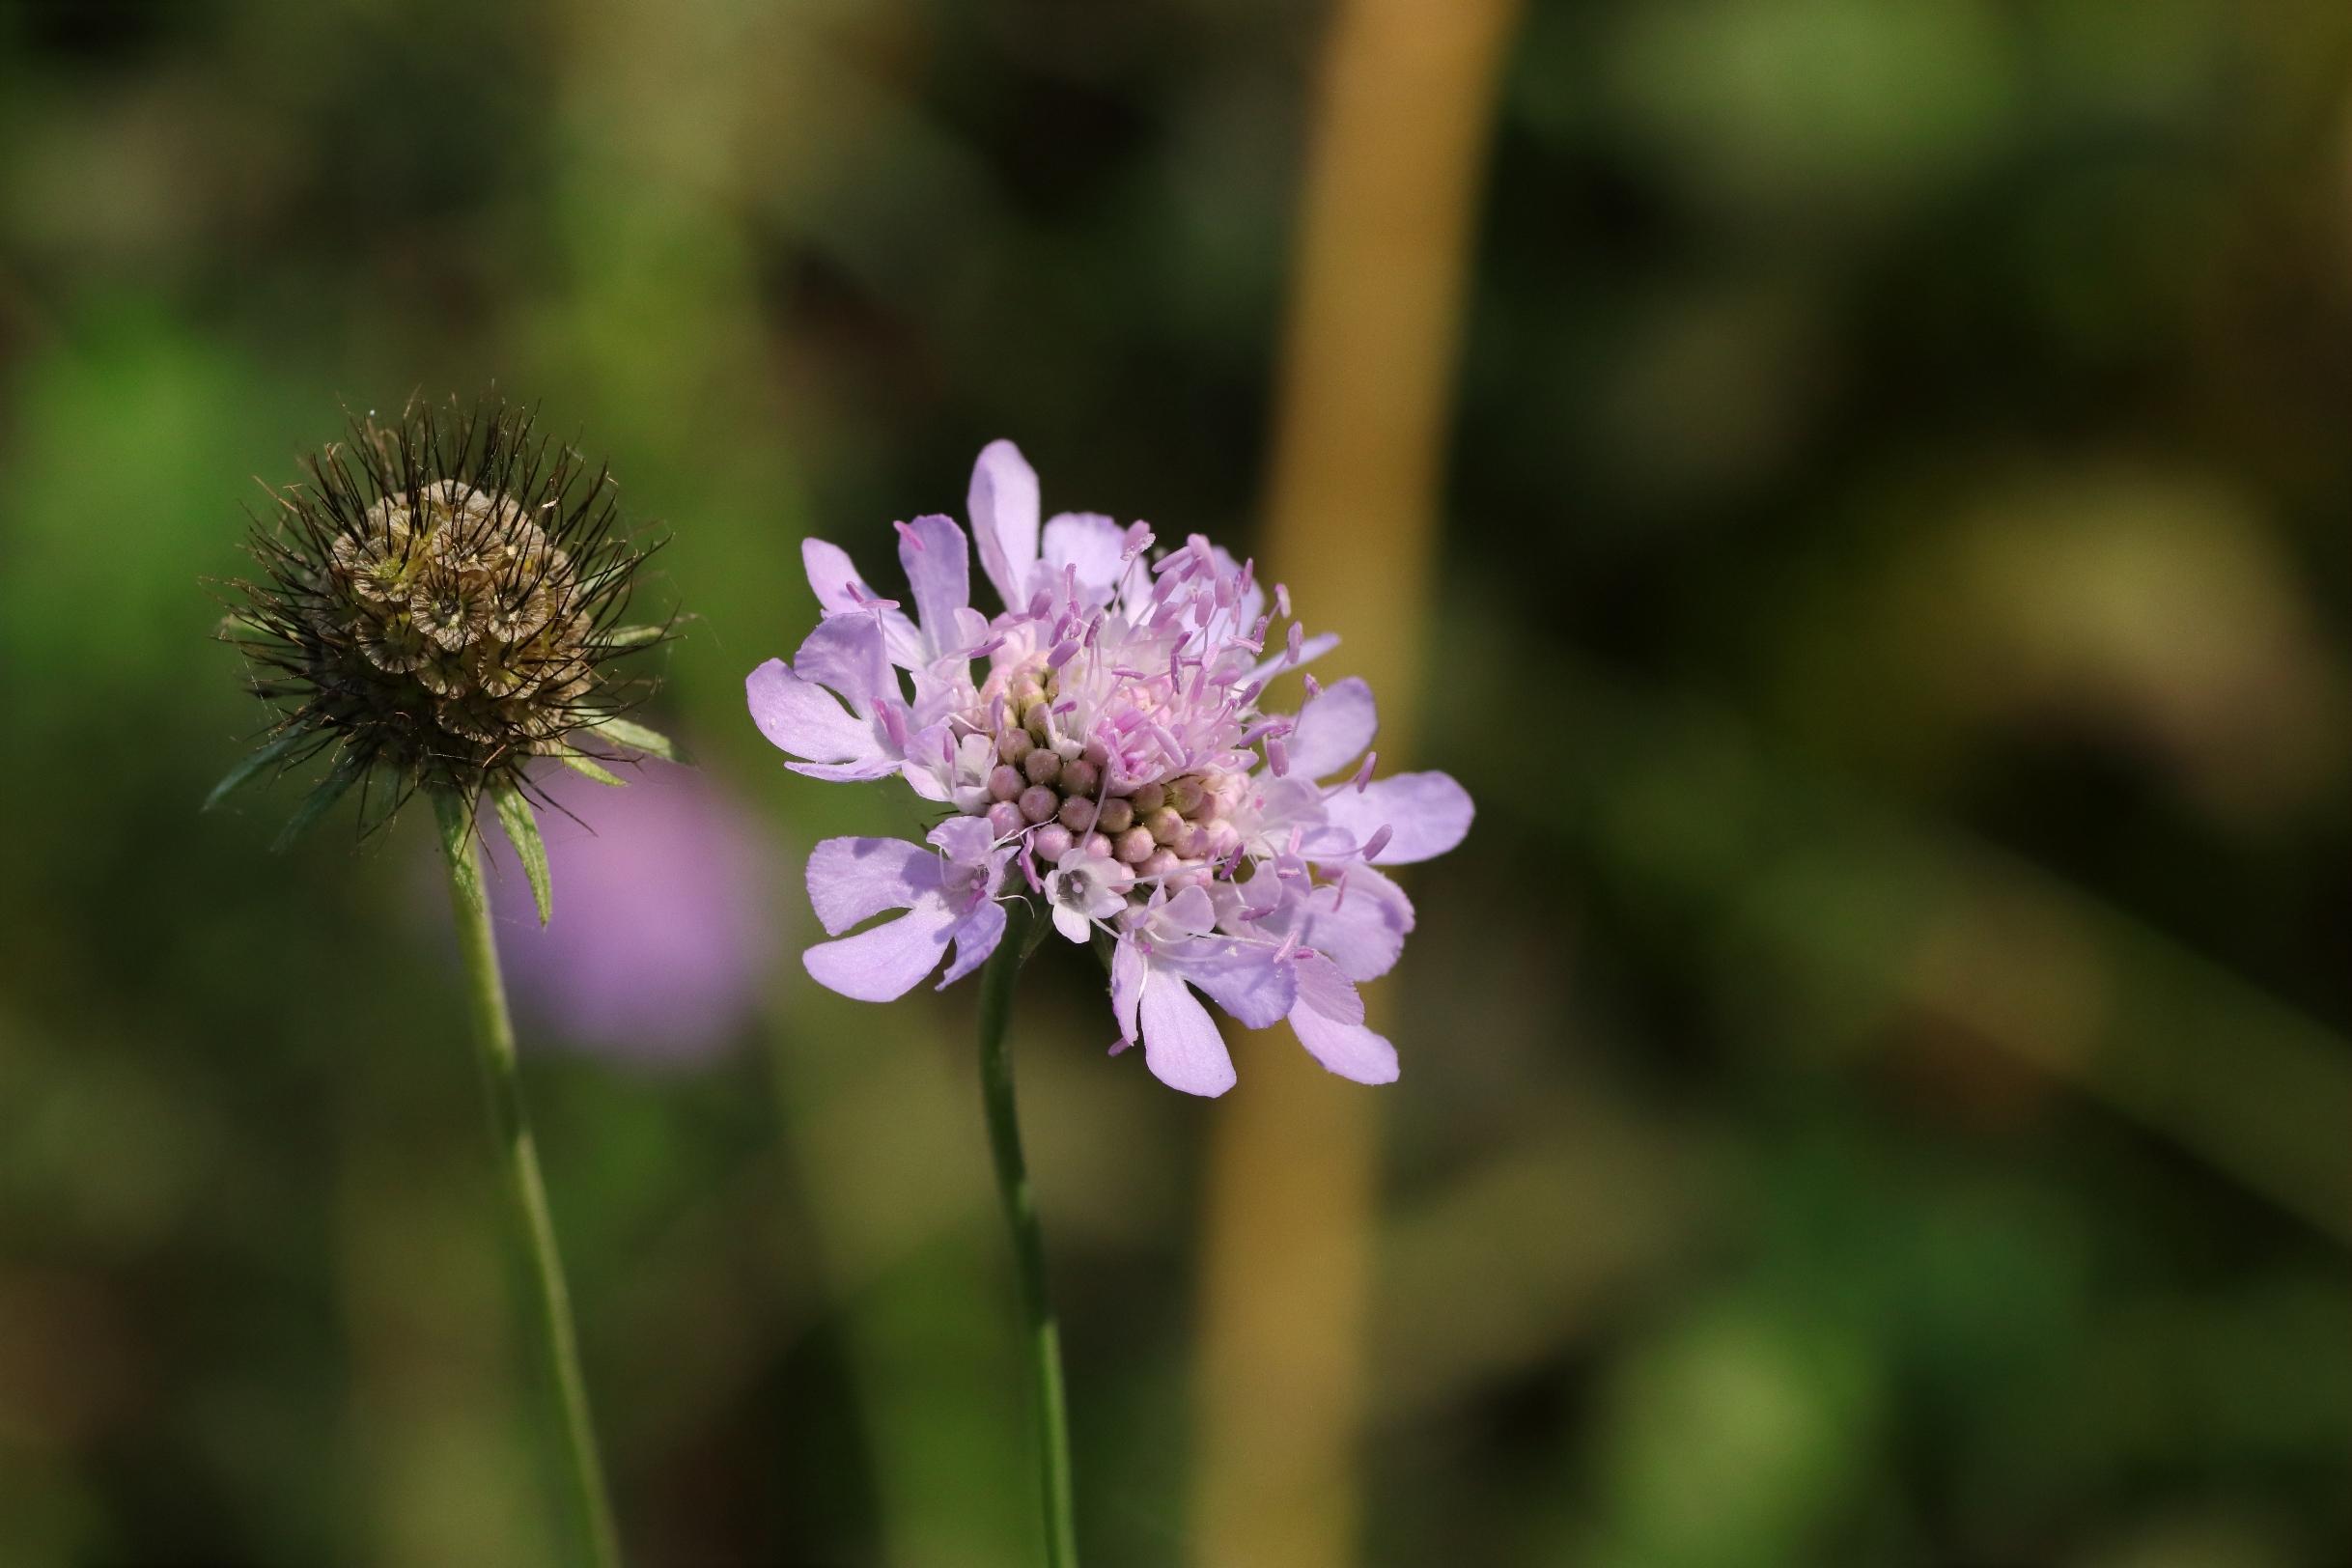 Tauben-Skabiose - Blüte / verblühter Blütenstand